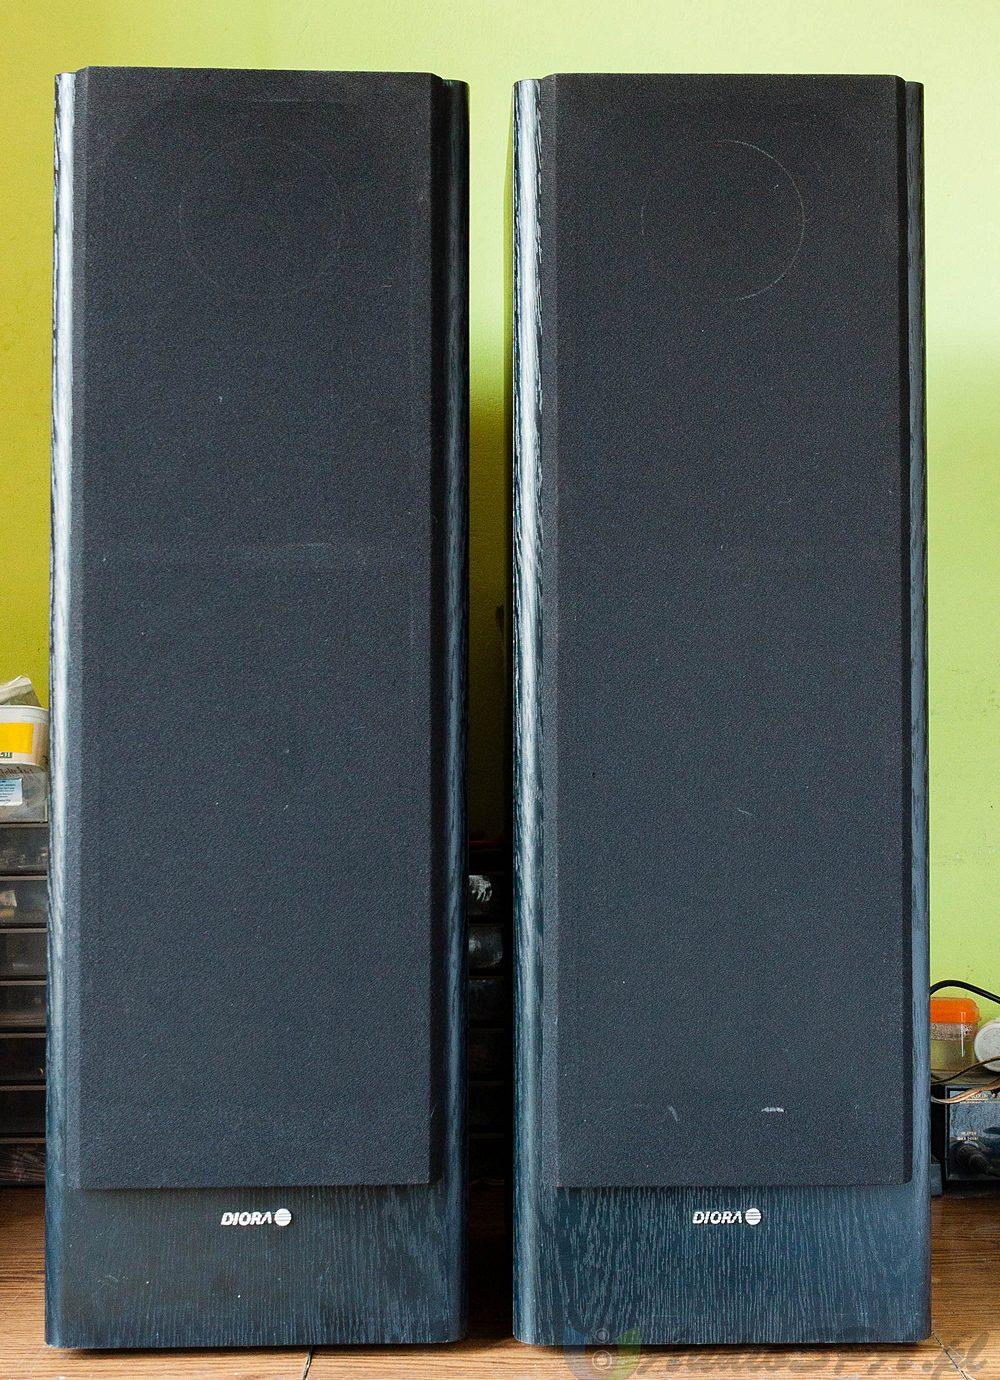 Wygląd oryginalnych Diora ZgB 80-8-903 z maskownicami